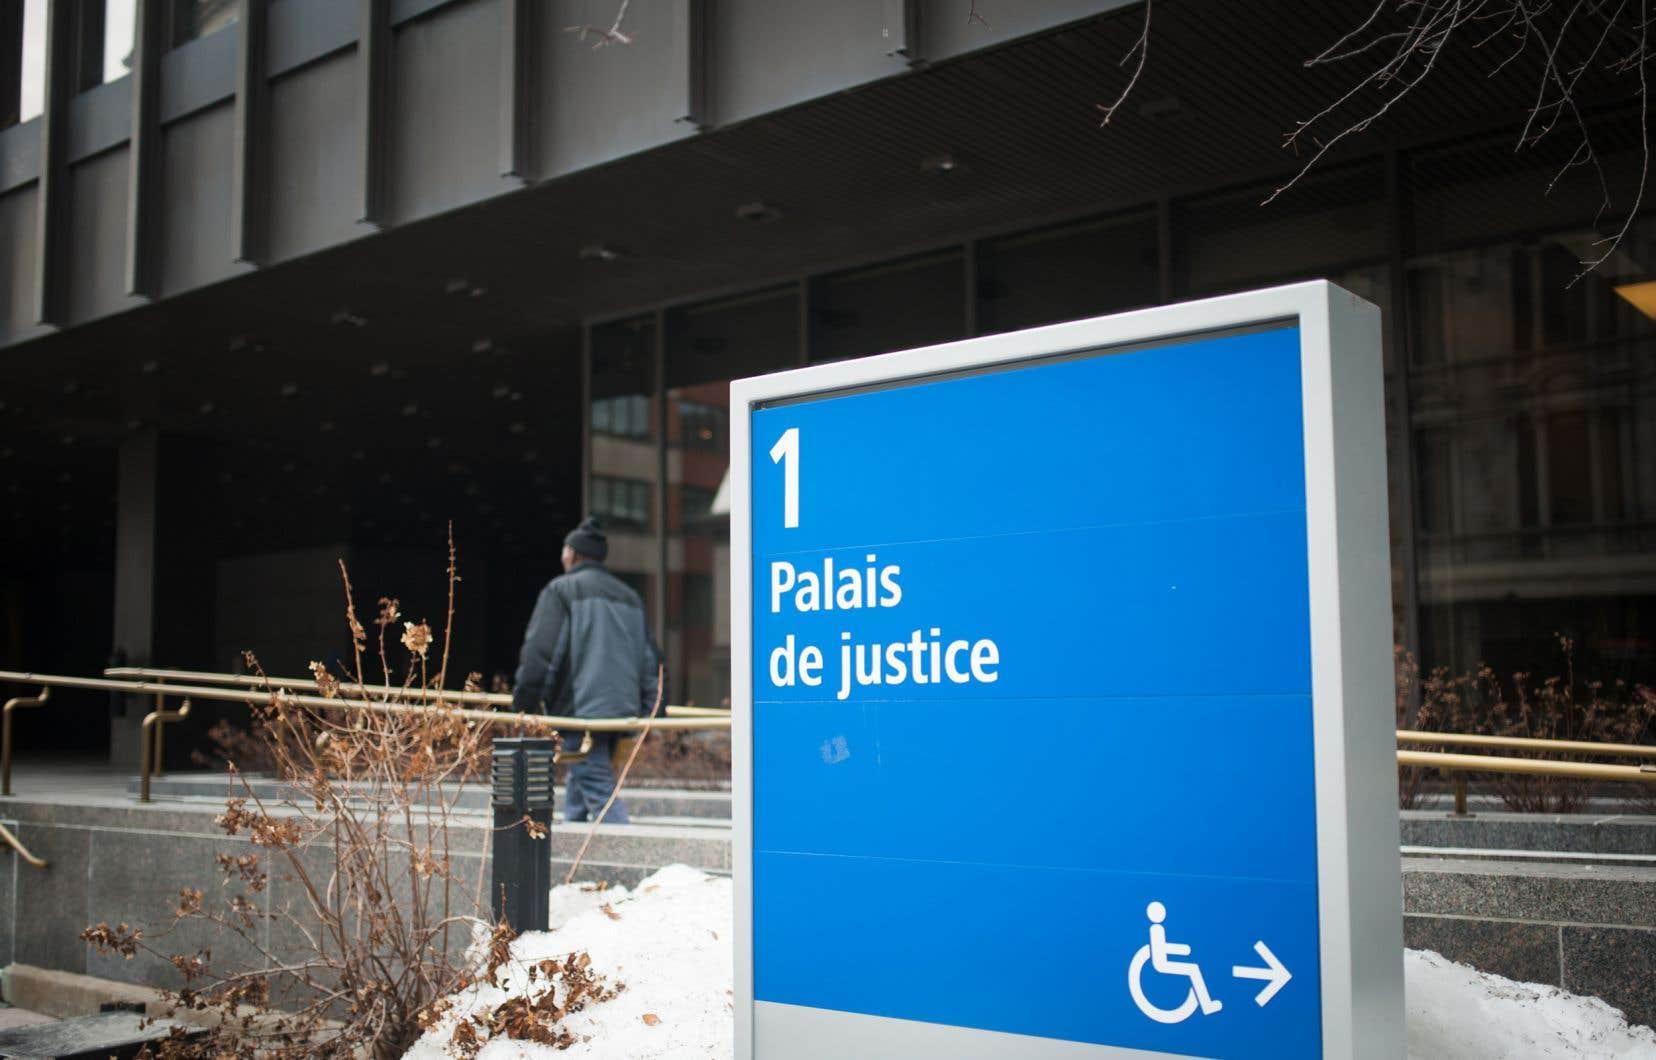 Certaines contraintes conduisent au non-respect à répétition des conditions de remise en liberté, ce qui ne fait qu'engorger davantage les tribunaux, ont constaté les auteurs de l'étude.